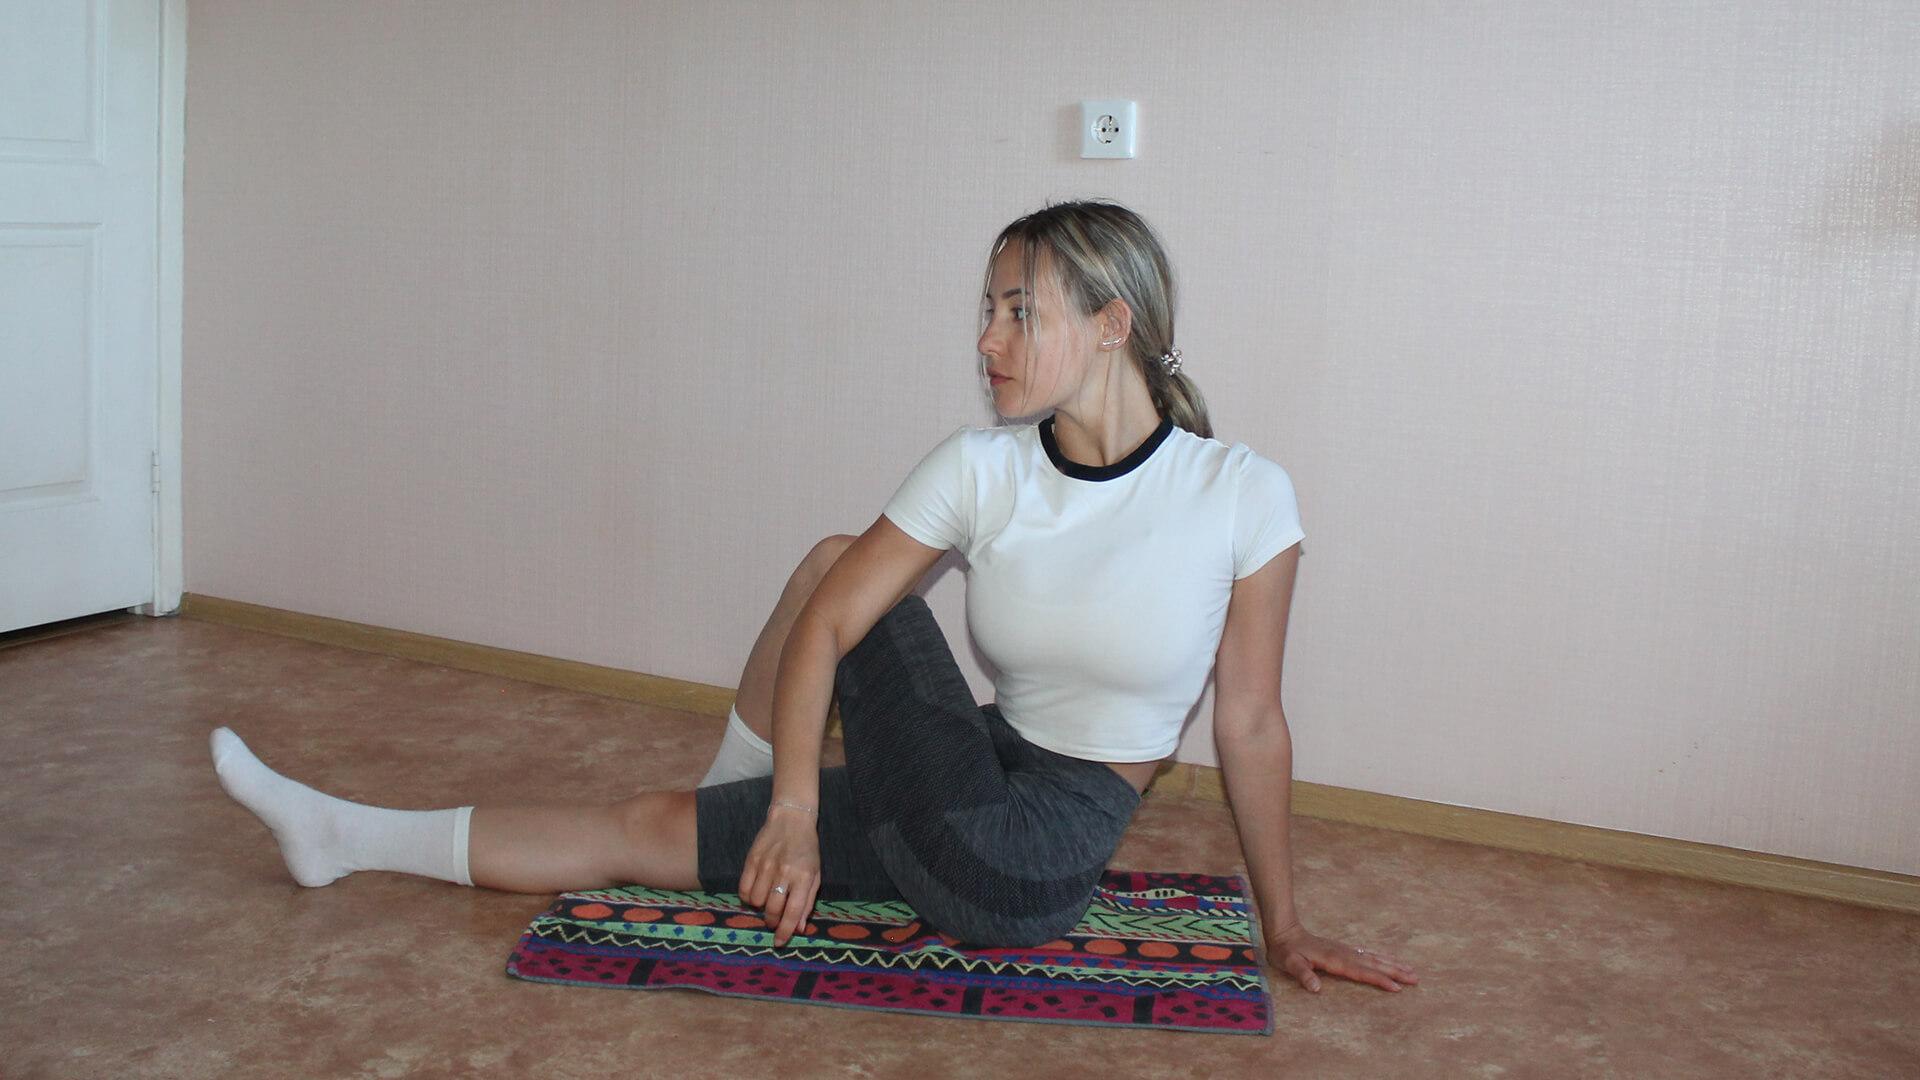 Скрутка позвоночника сидя: фото упражнения.